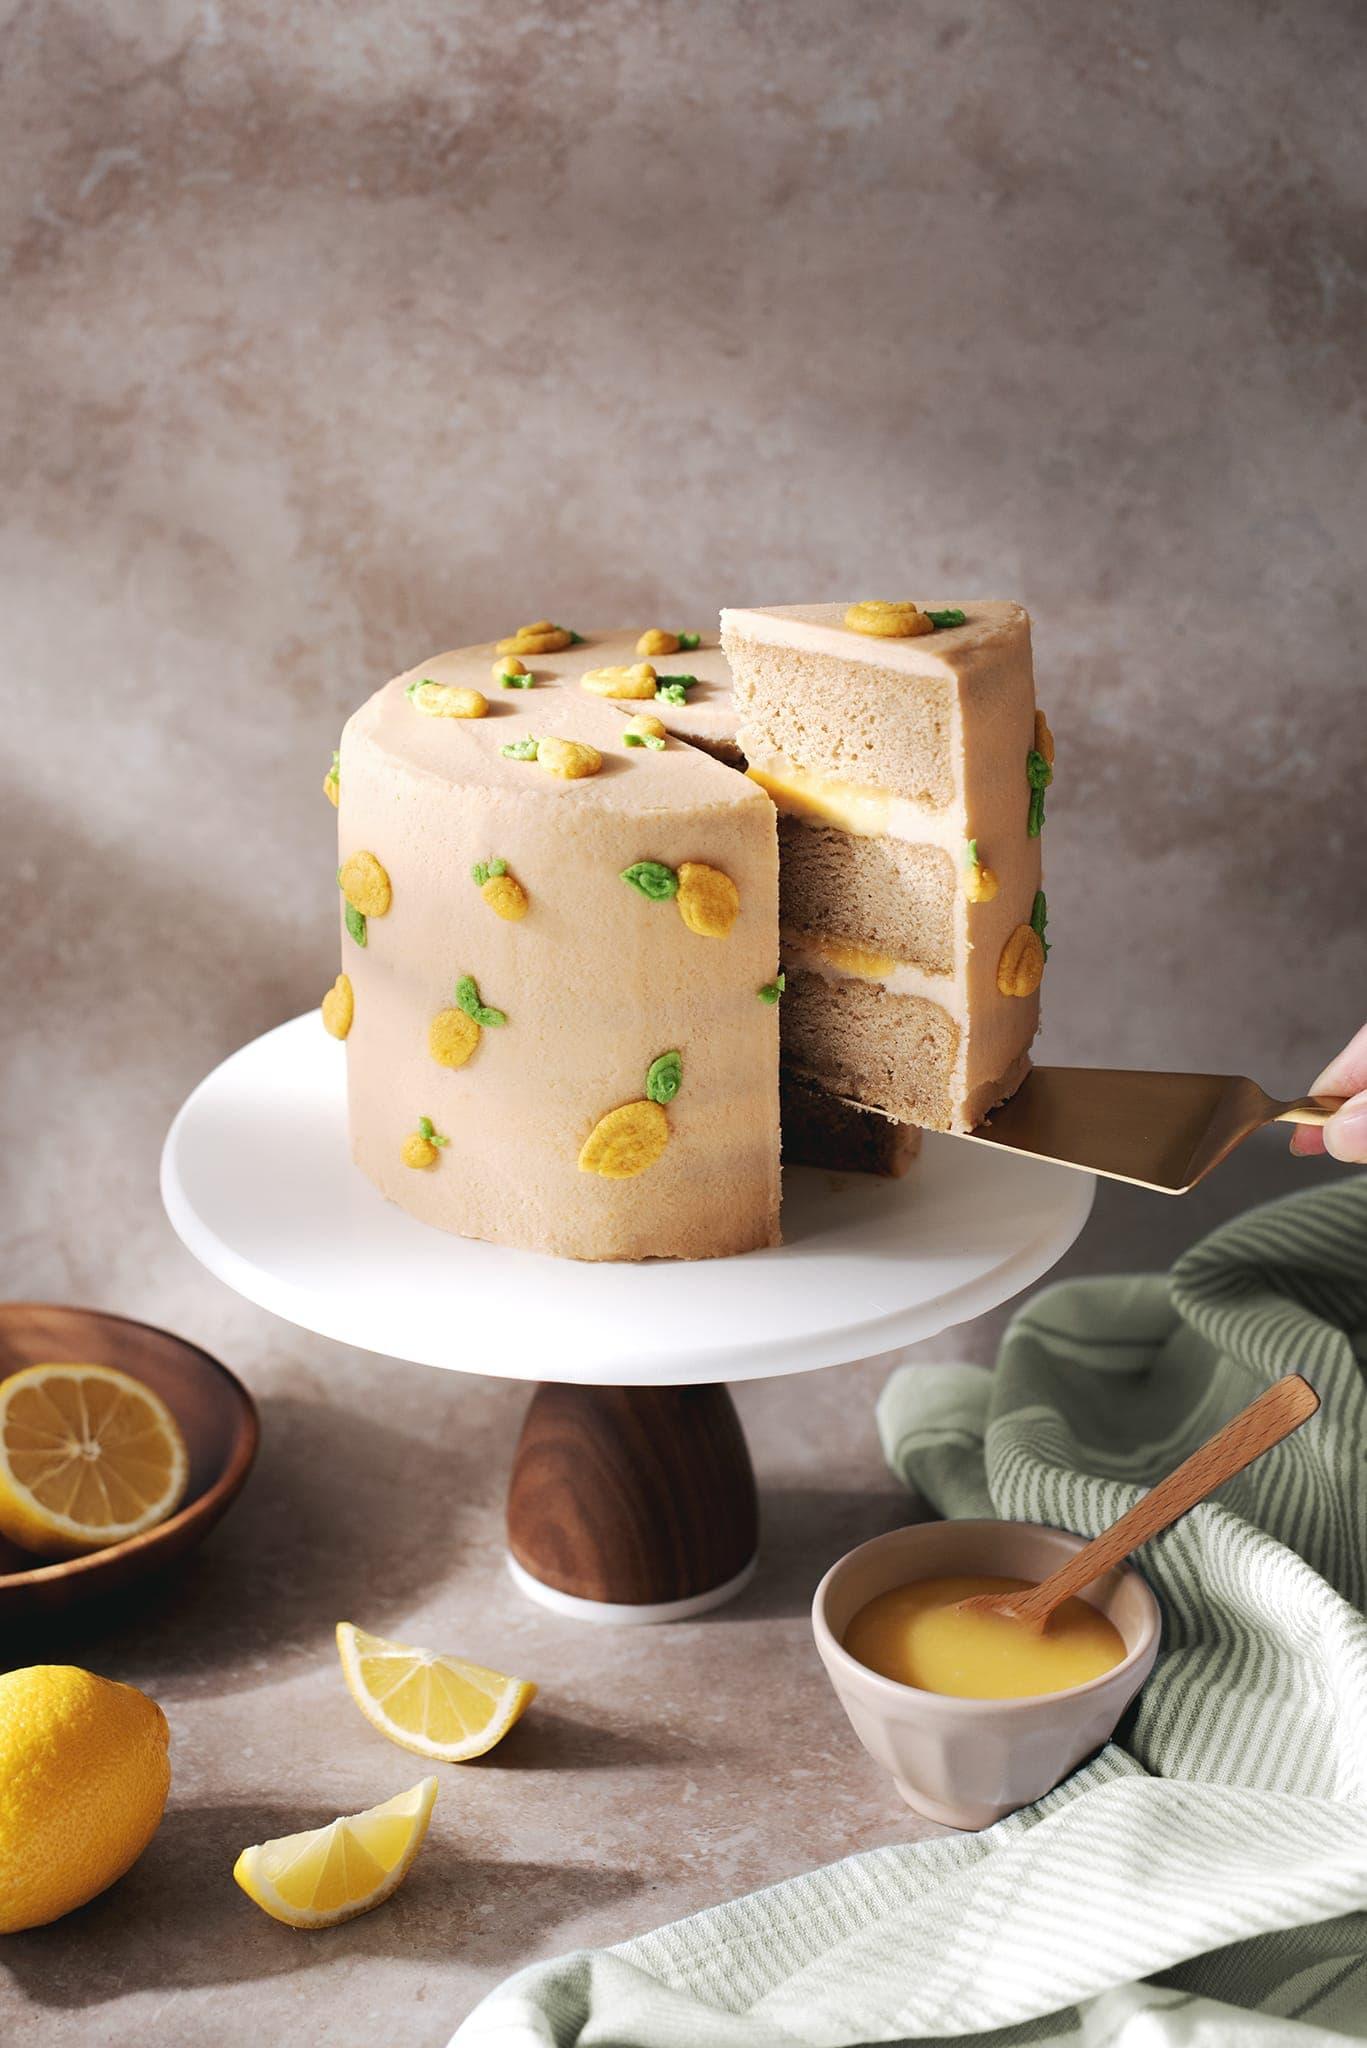 Earl grey lemon cake covered in buttercream lemon design